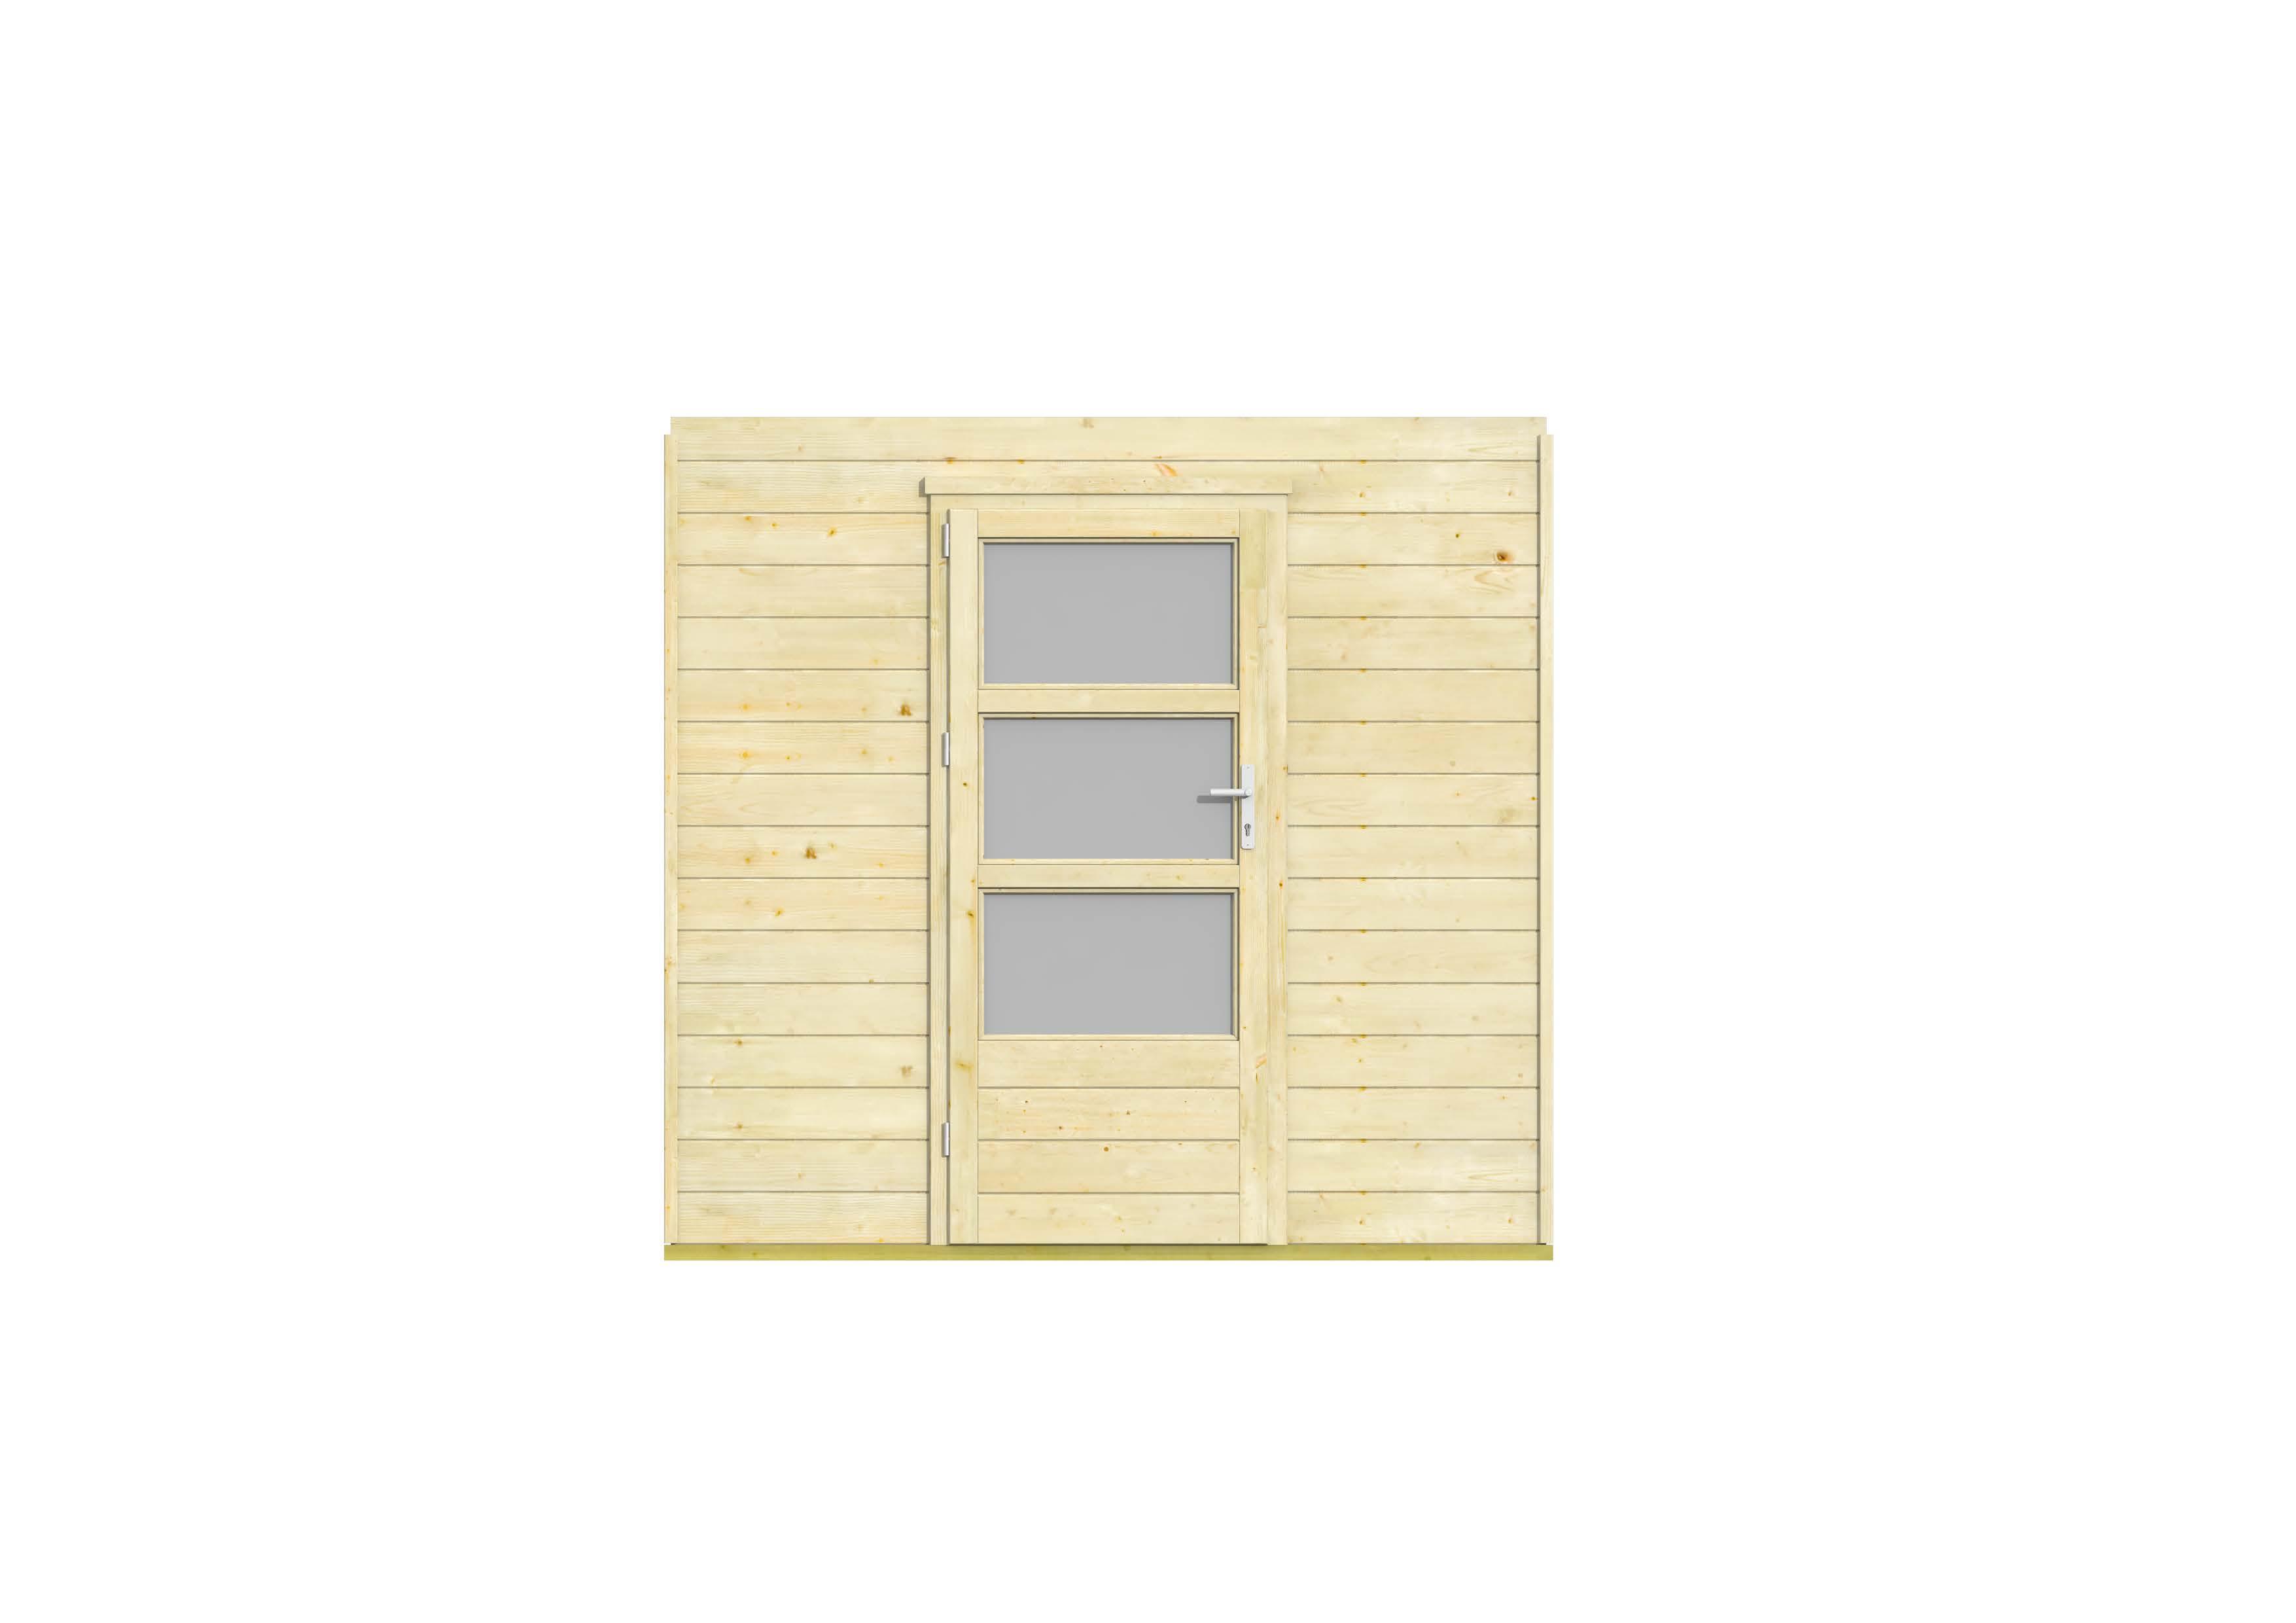 Met deze voorwand met dubbel rhombusprofiel en dubbele deur maakt u uw